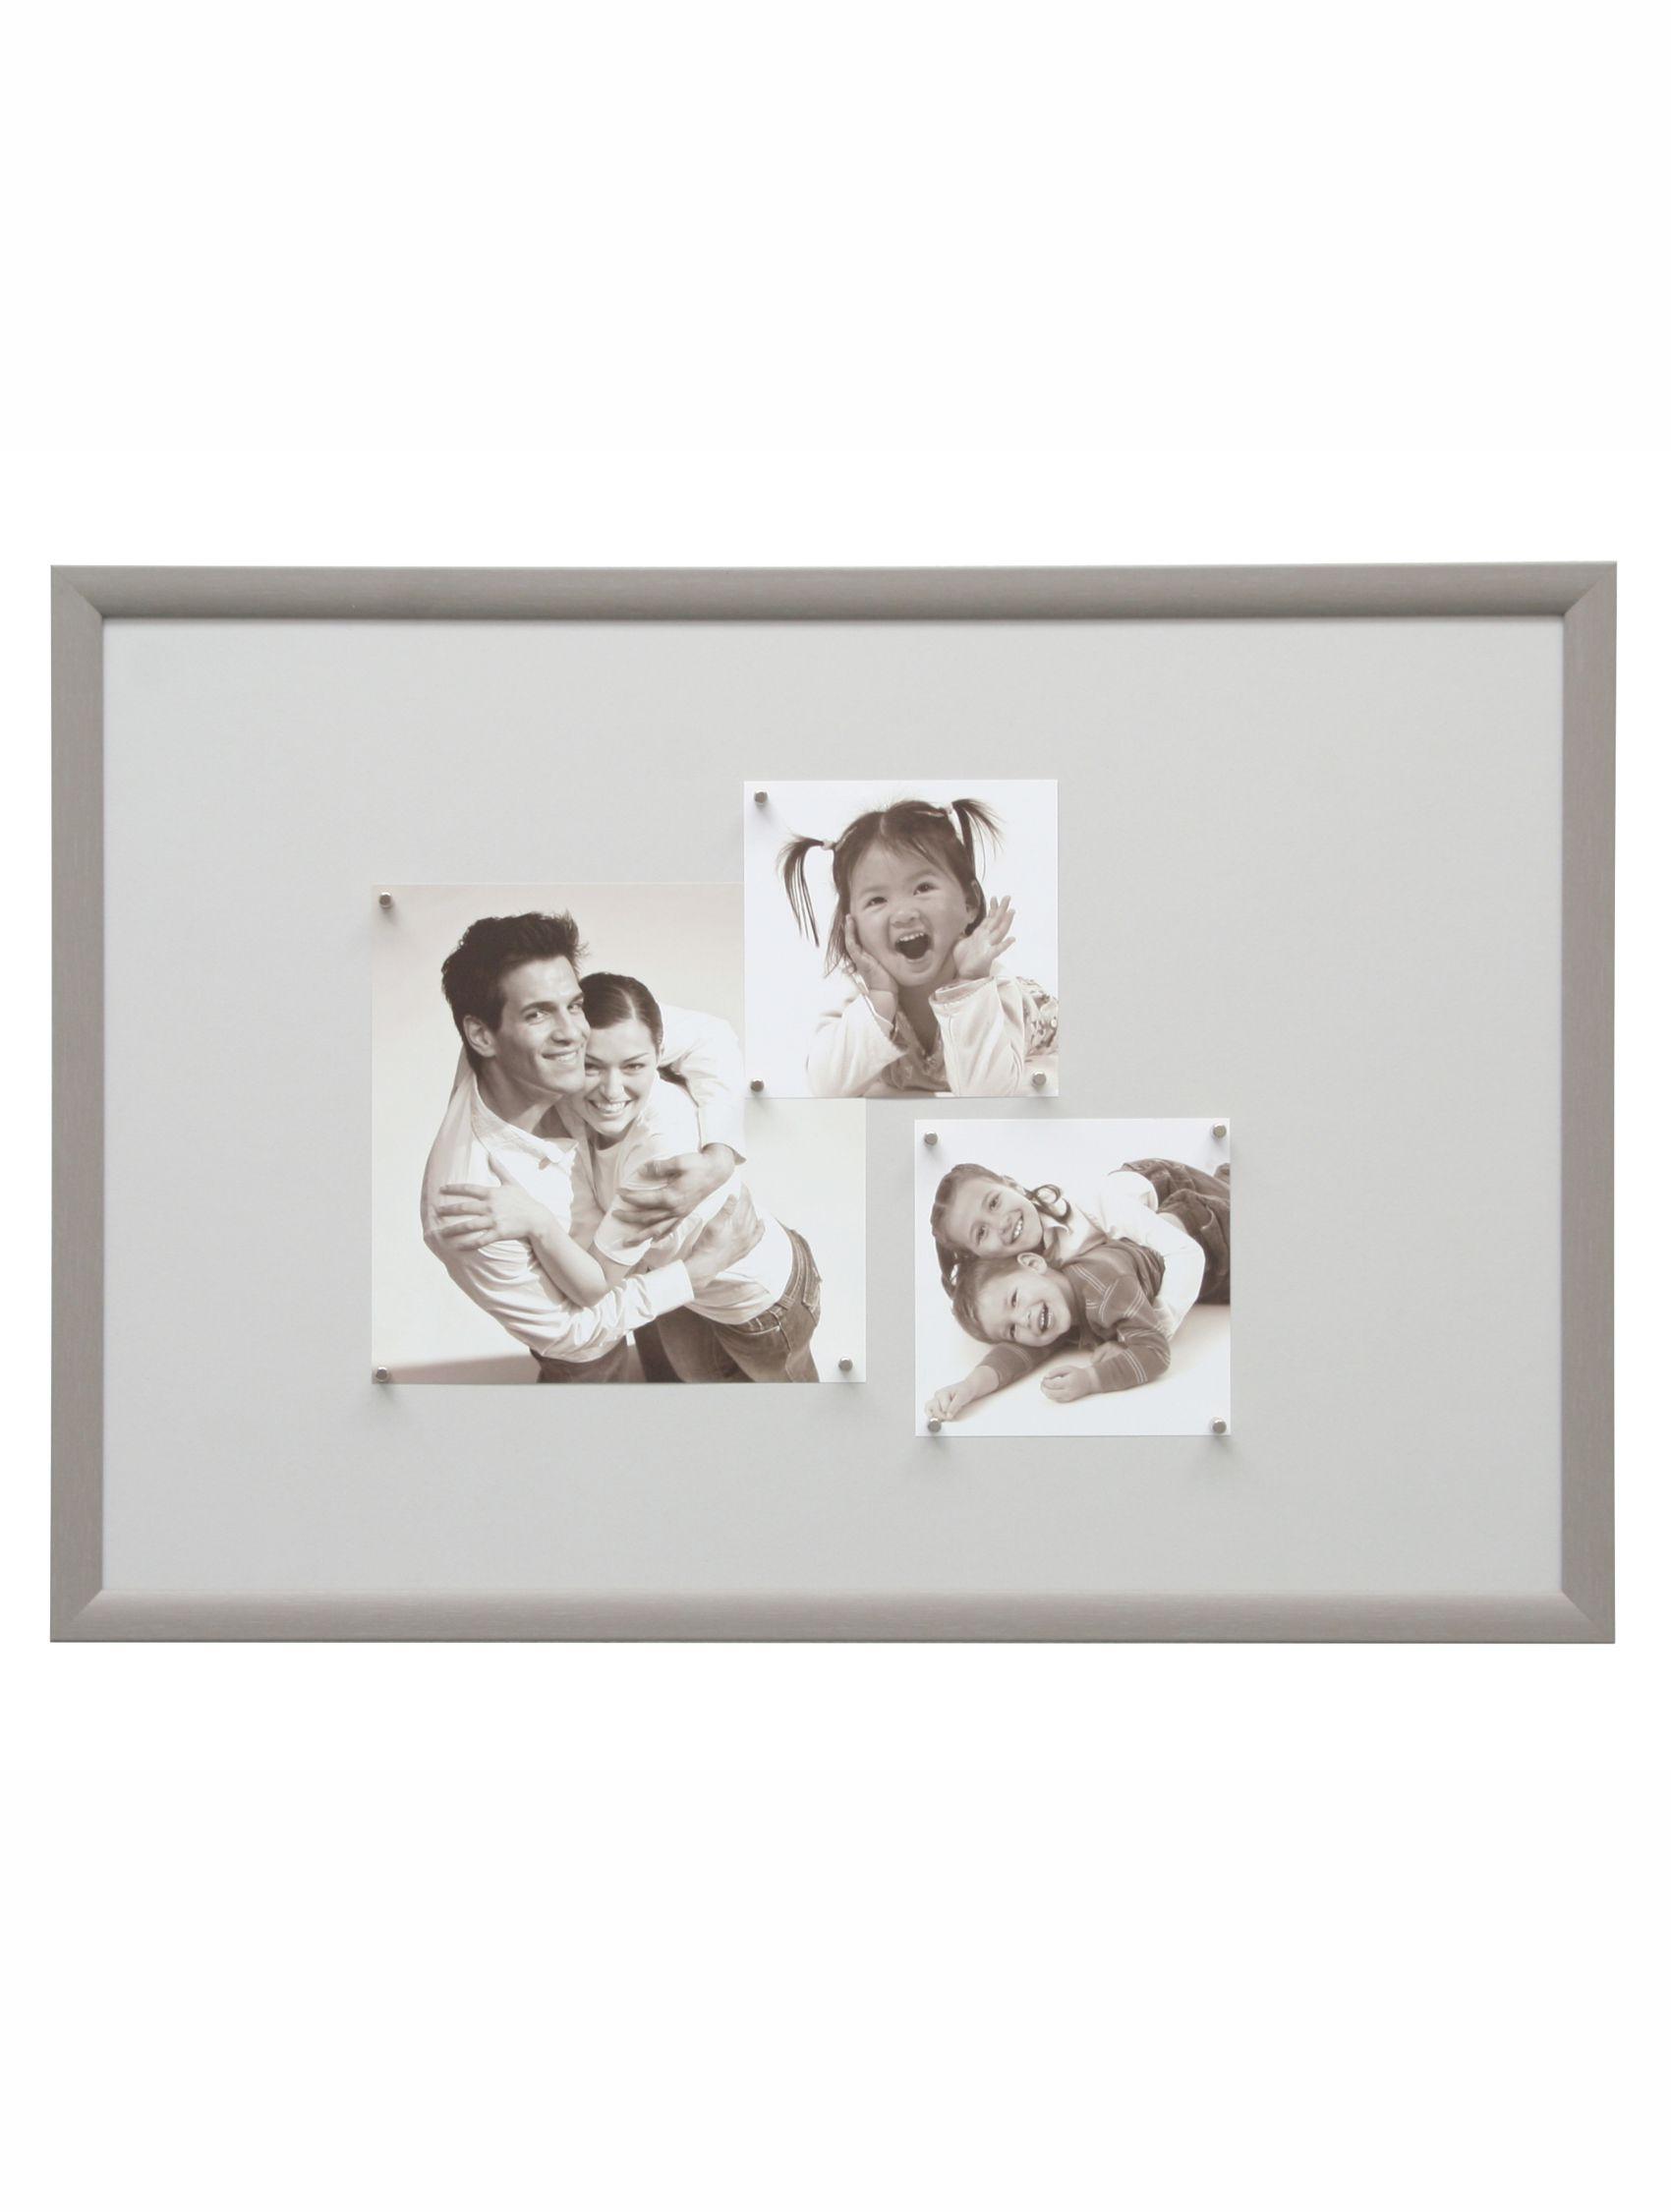 Magneetbord beige schilderlook, S54SF3 S54ST4